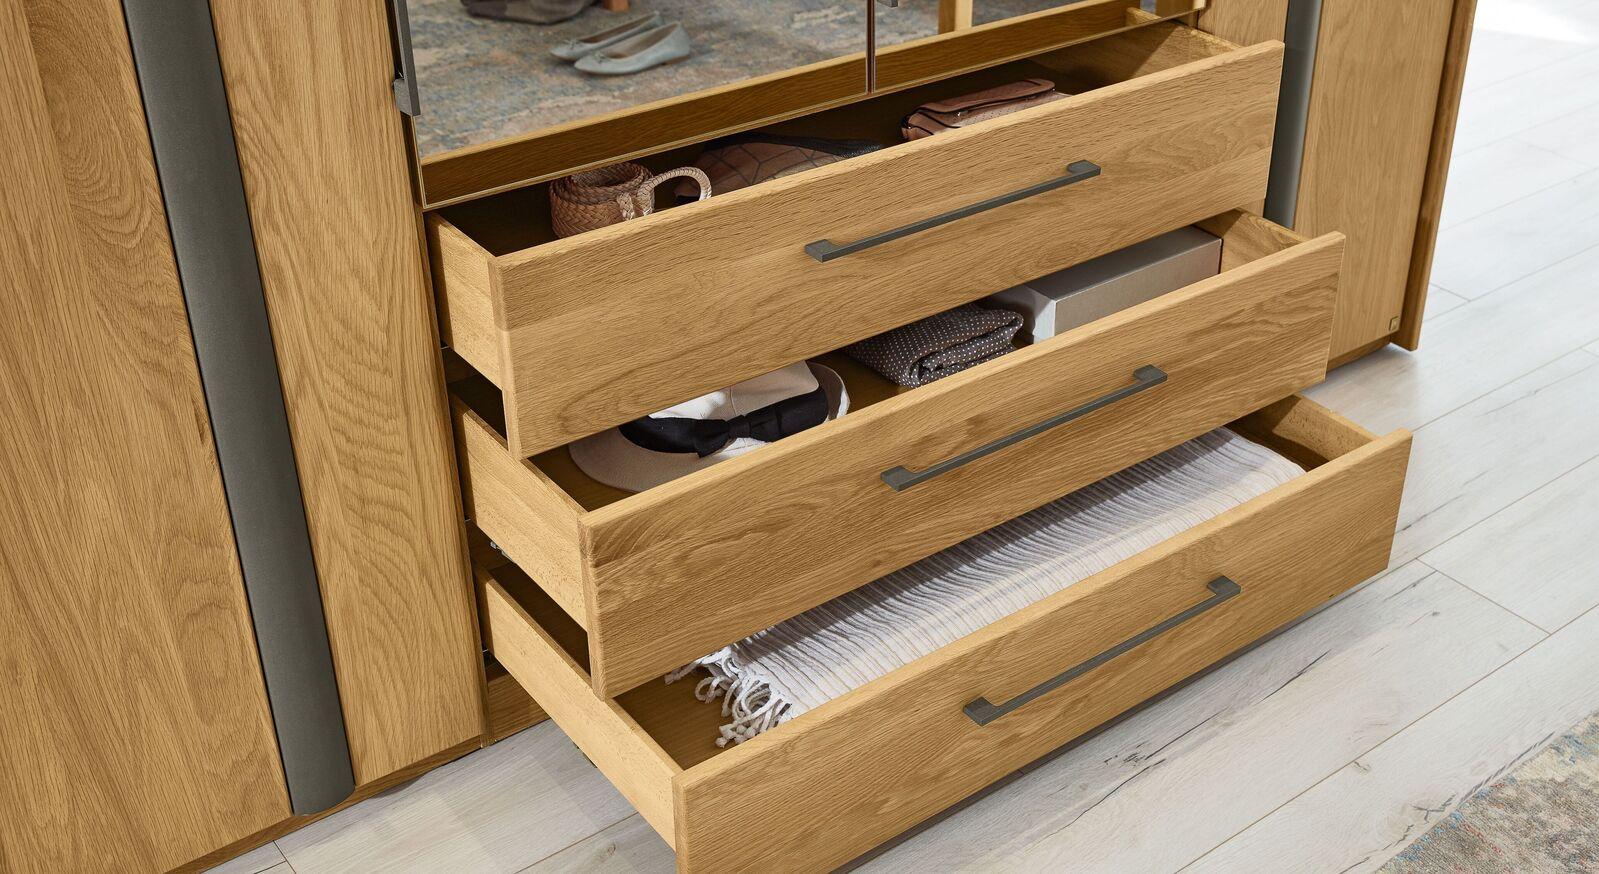 MUSTERRING Funktions-Kleiderschrank Sorrent mit hochwertigen Schubladen